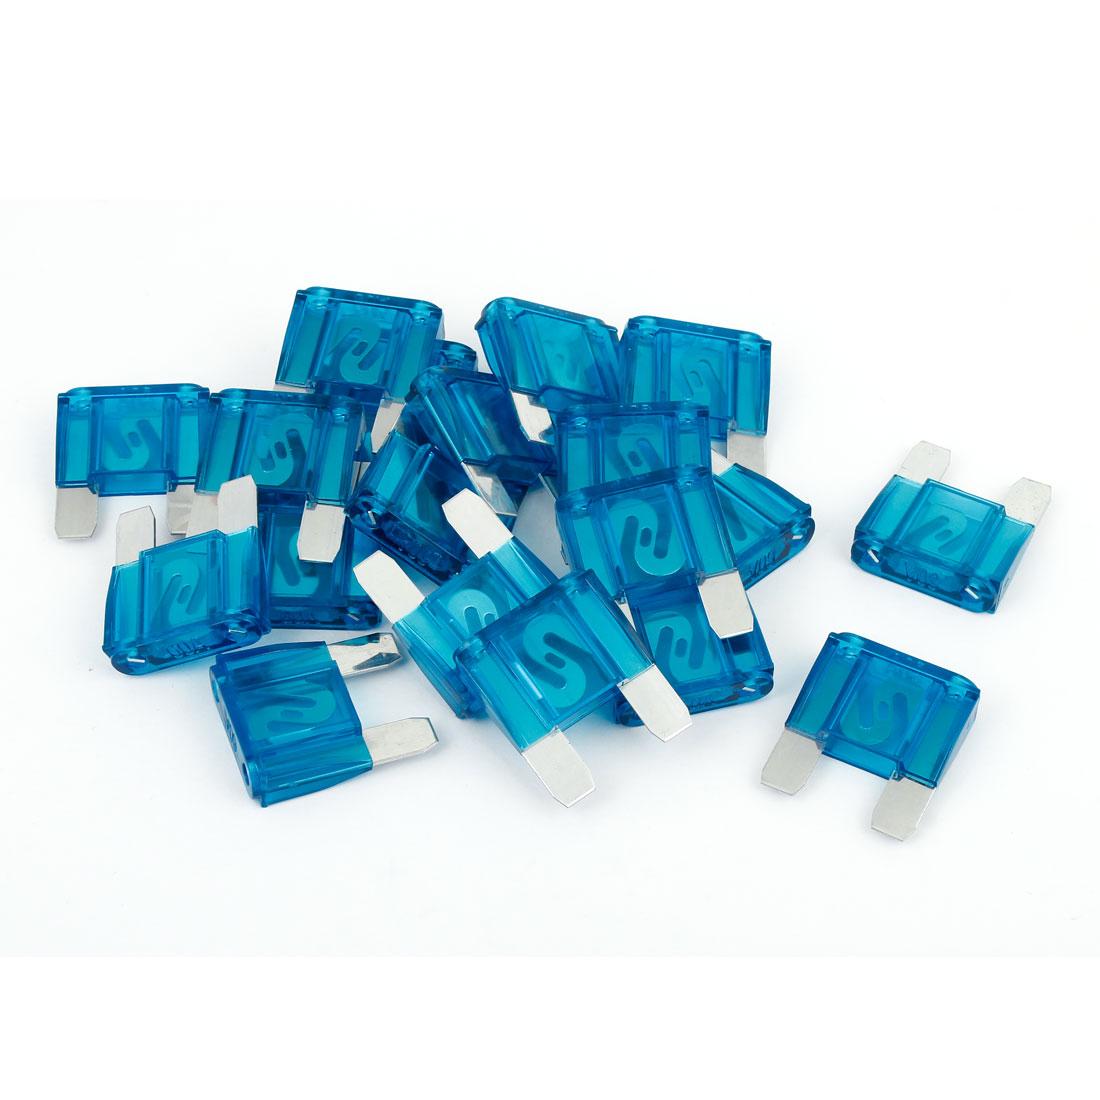 20 Pcs Car Auto Caravan Truck Blue Plastic Casing Large Blade Fuse 60A